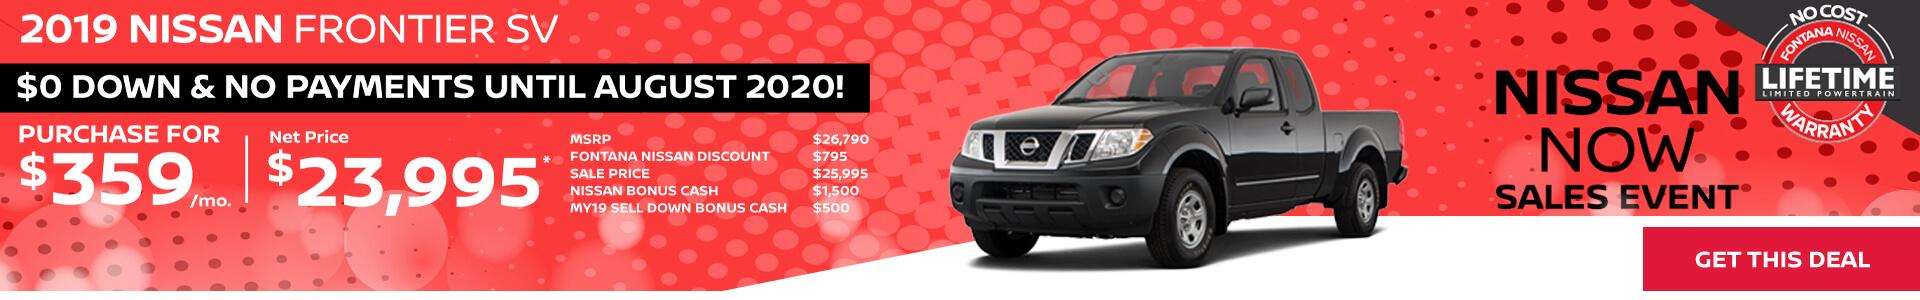 Nissan Frontier $359